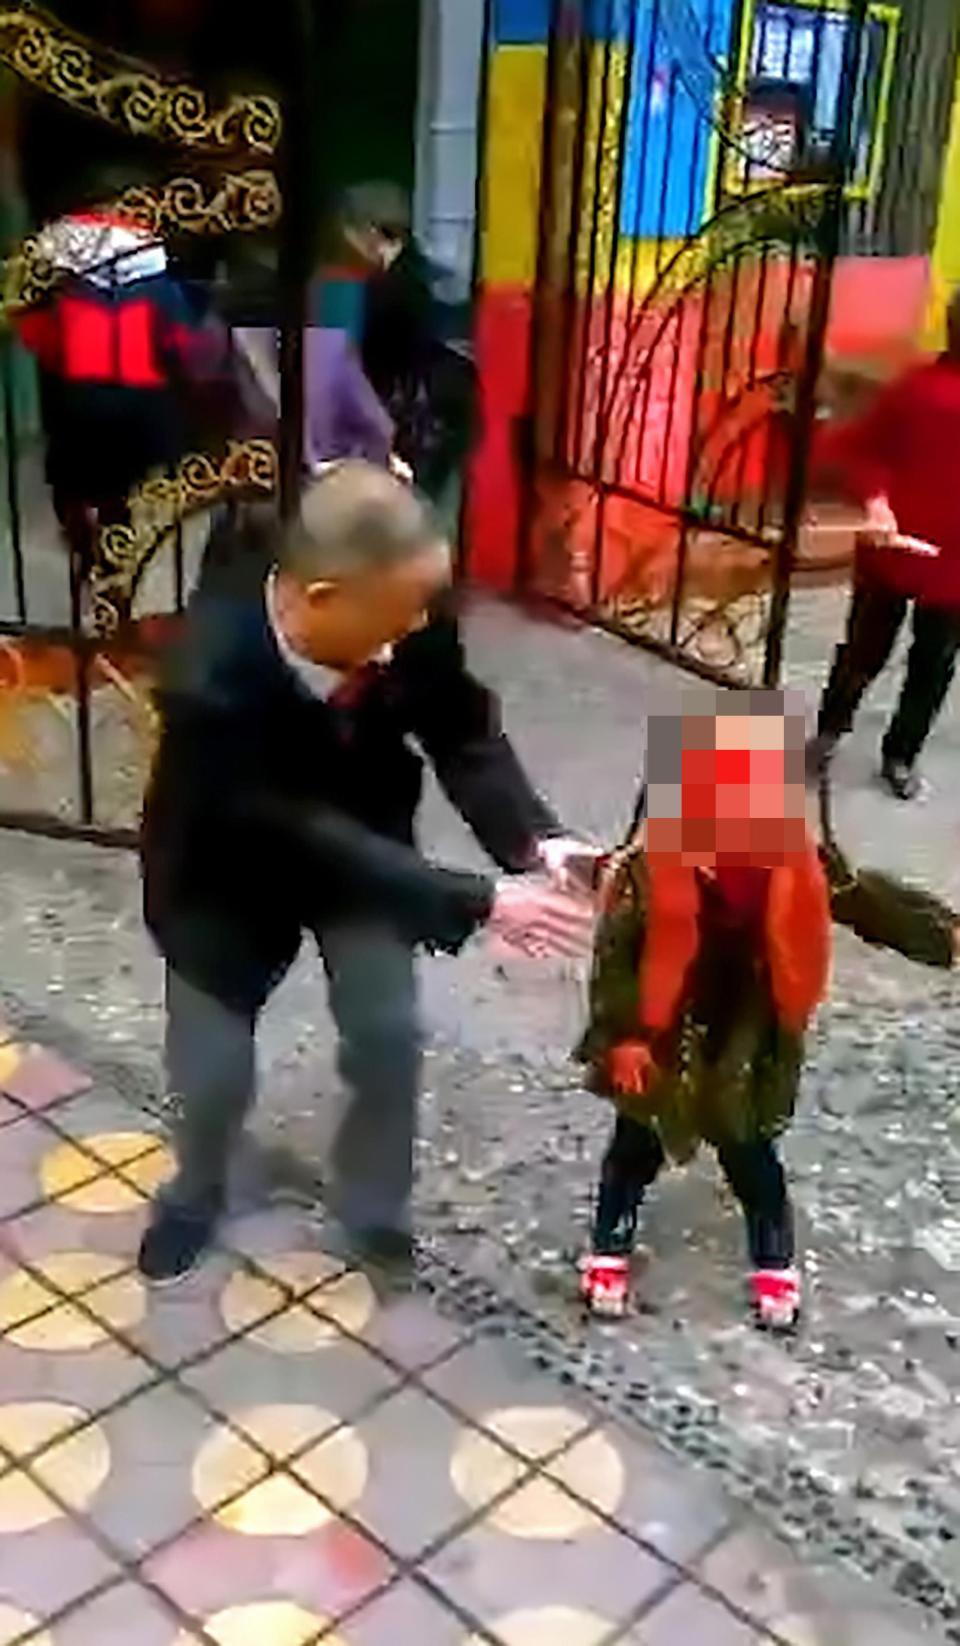 Trung Quốc: Người phụ nữ loạn trí cầm dao chặt thịt tấn công trường mẫu giáo, ít nhất 14 học sinh bị thương-2